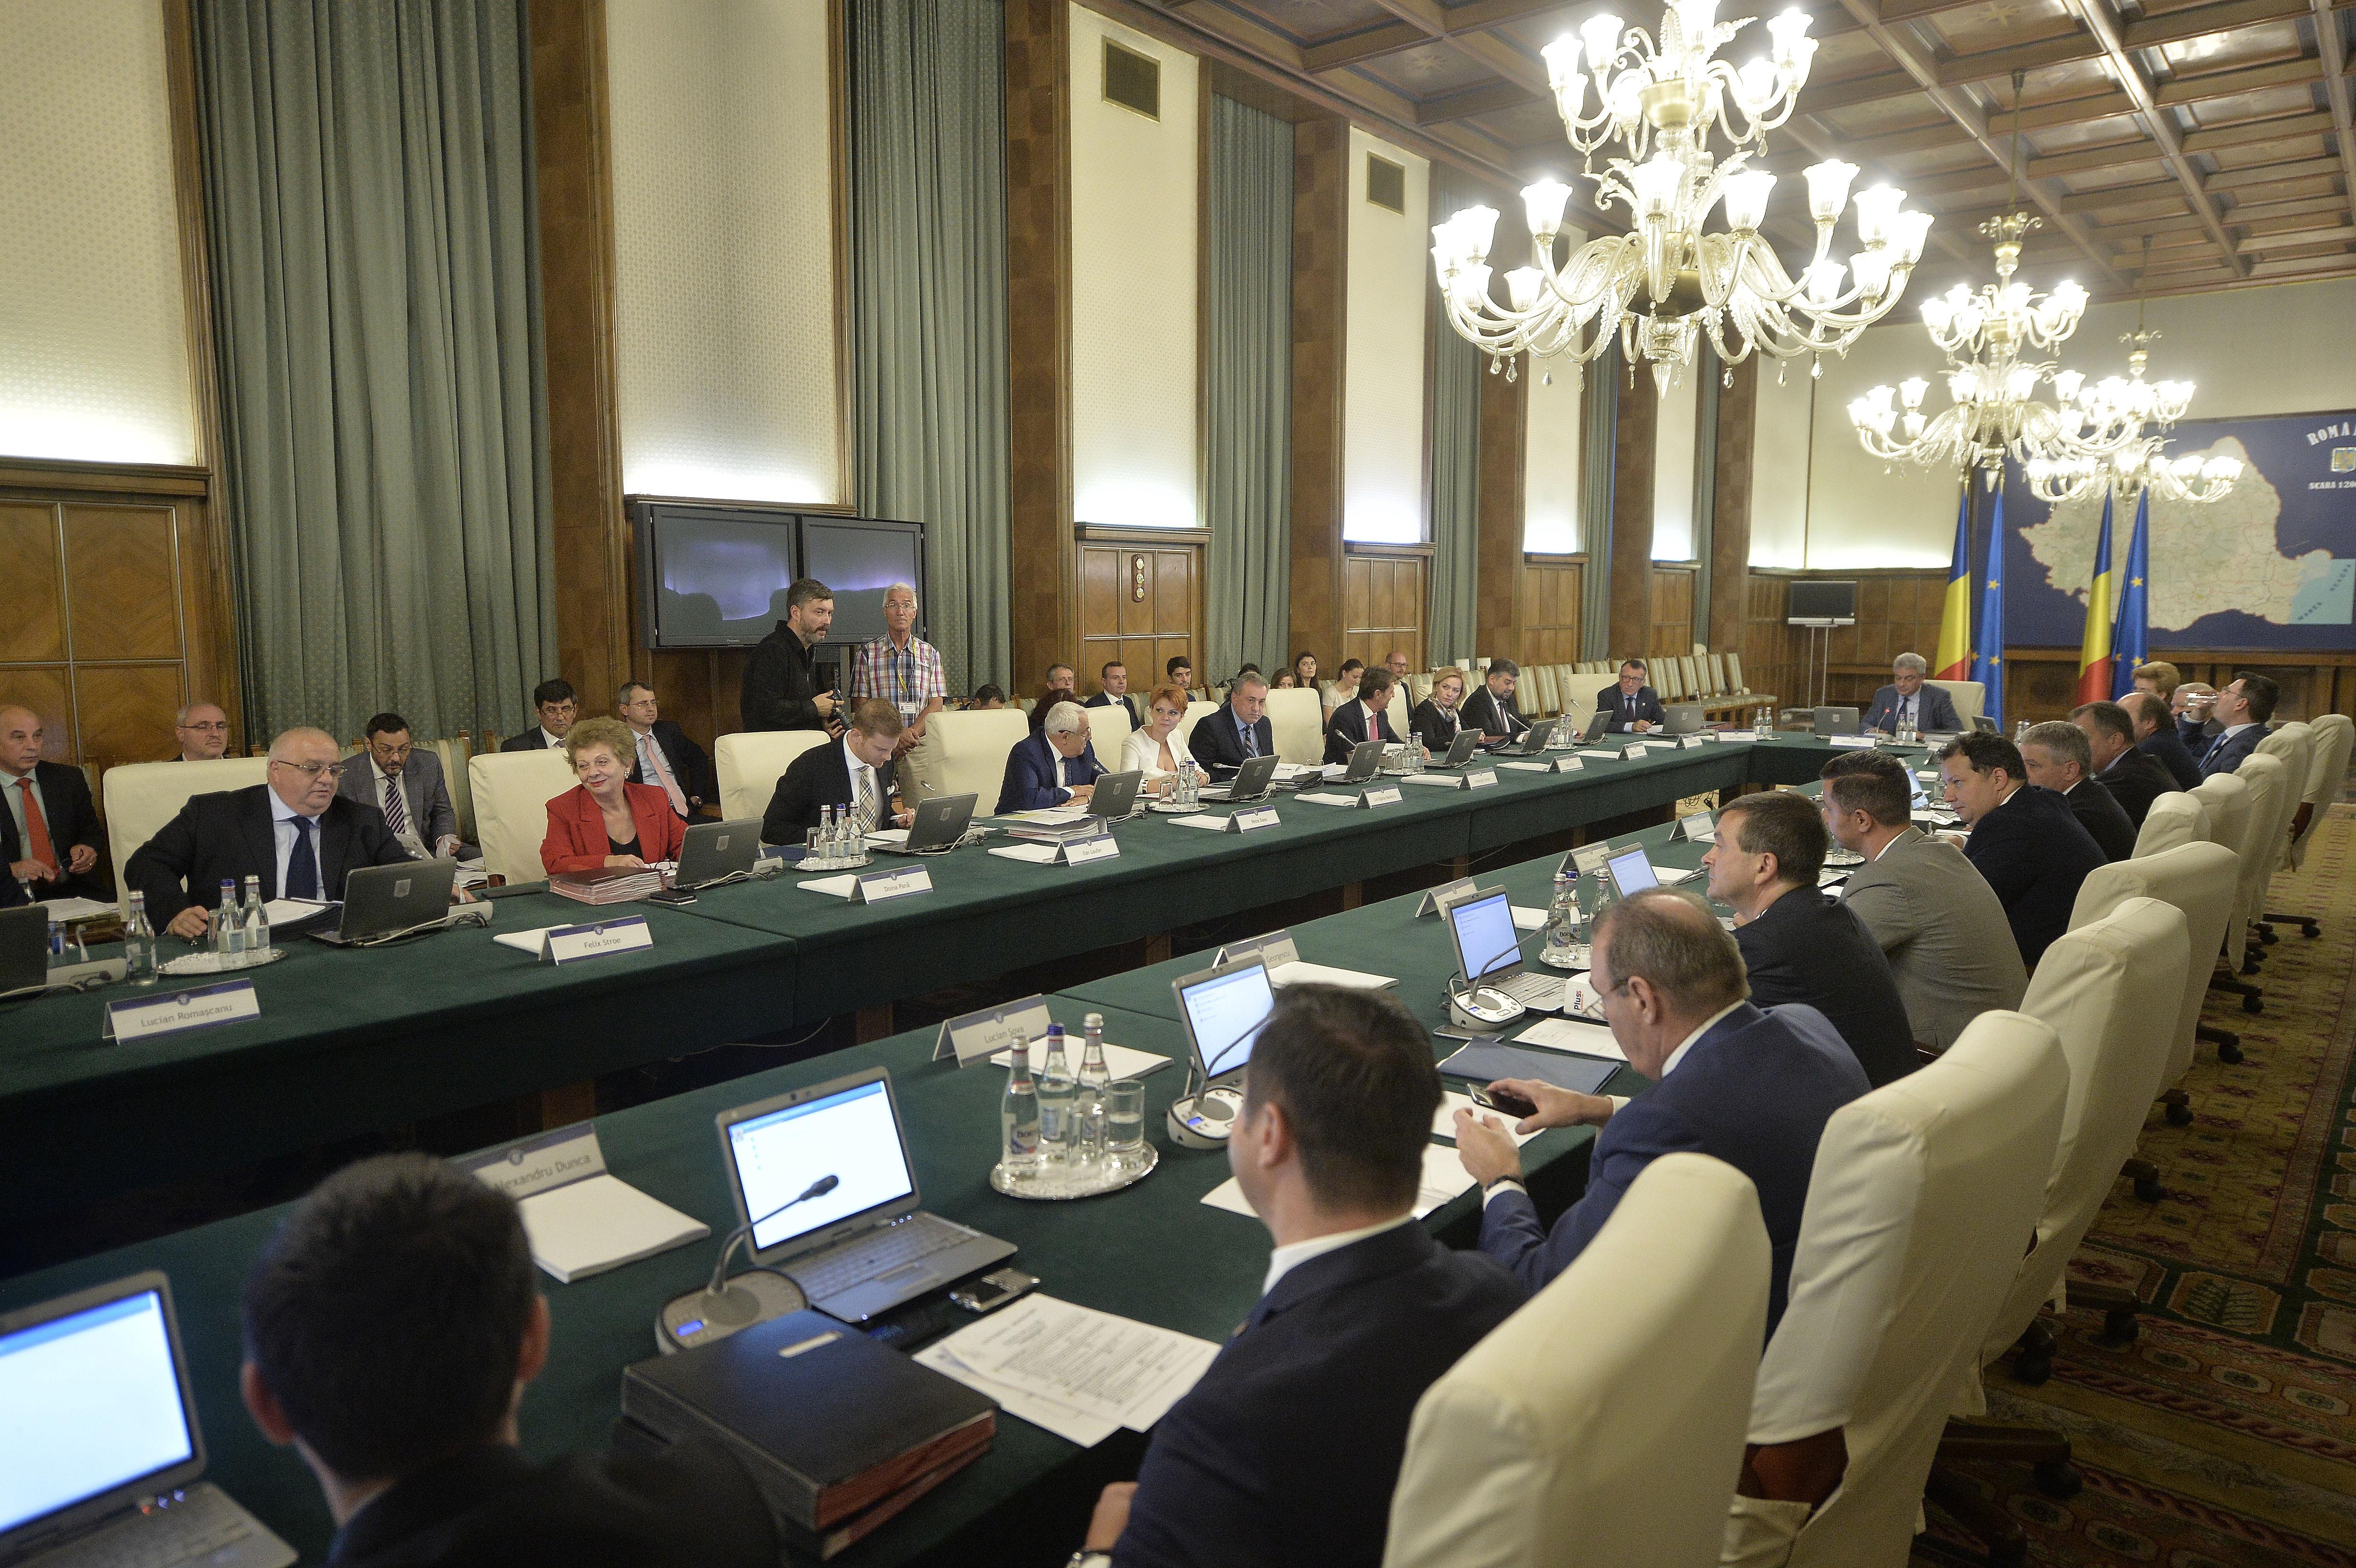 Guvernul a stabilit măsurile de sprijinire directă a etnicilor români înscrişi în sistemul de învăţământ ucrainean cu predare în română